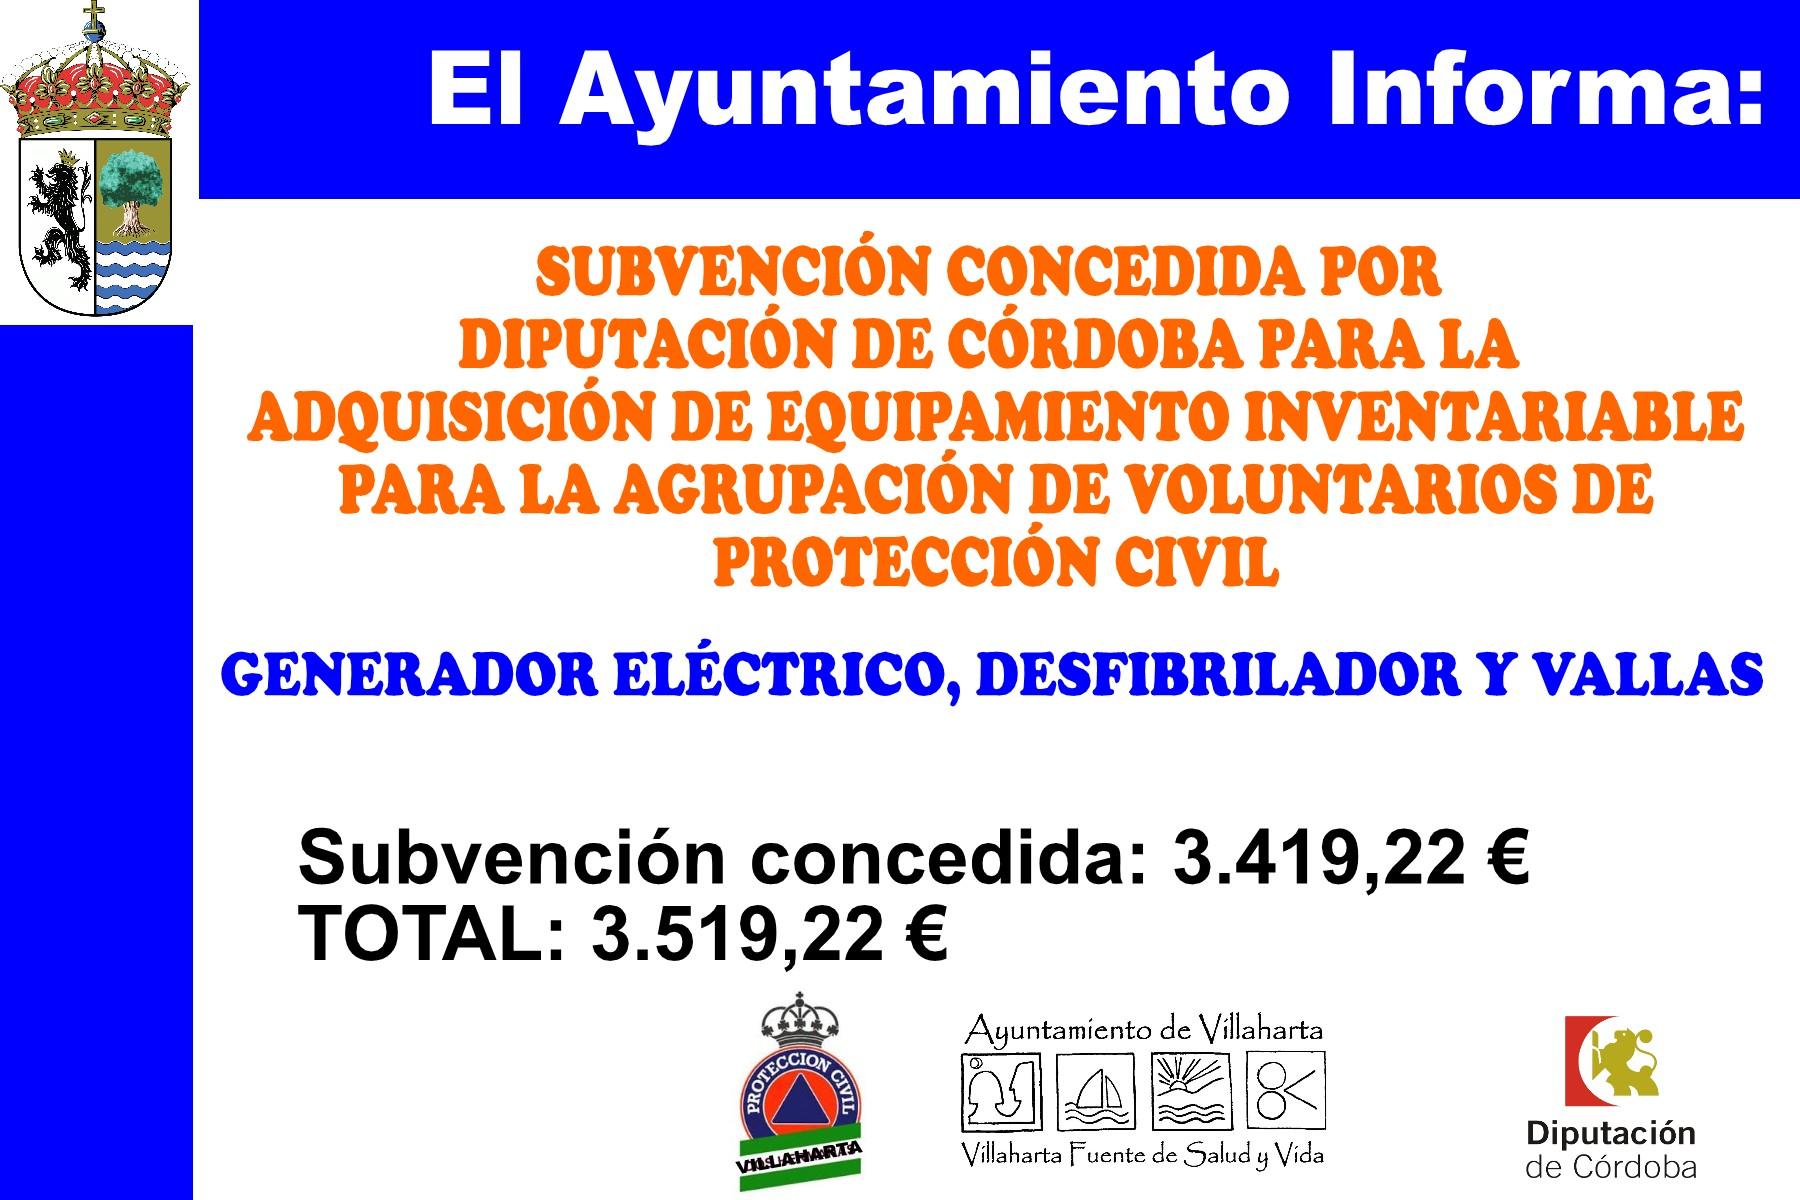 SUBVENCIONES RECIBIDAS. 2018 3